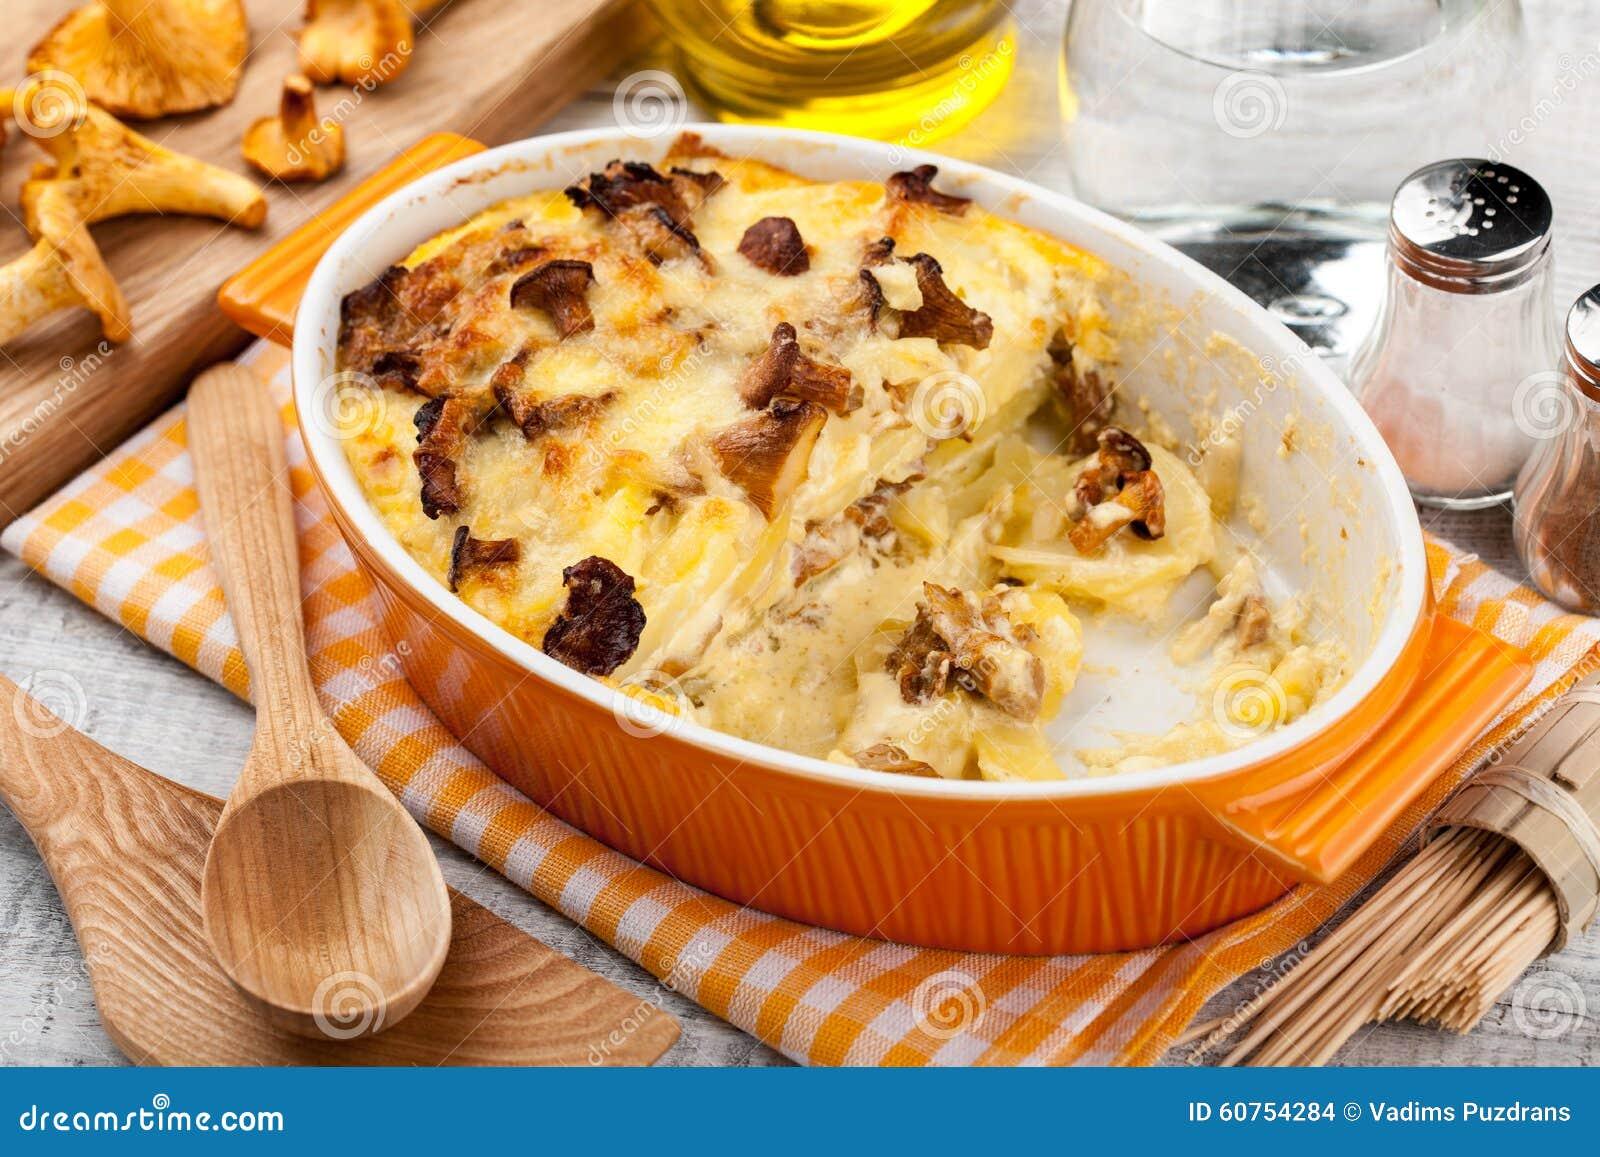 Casserole величает картошка